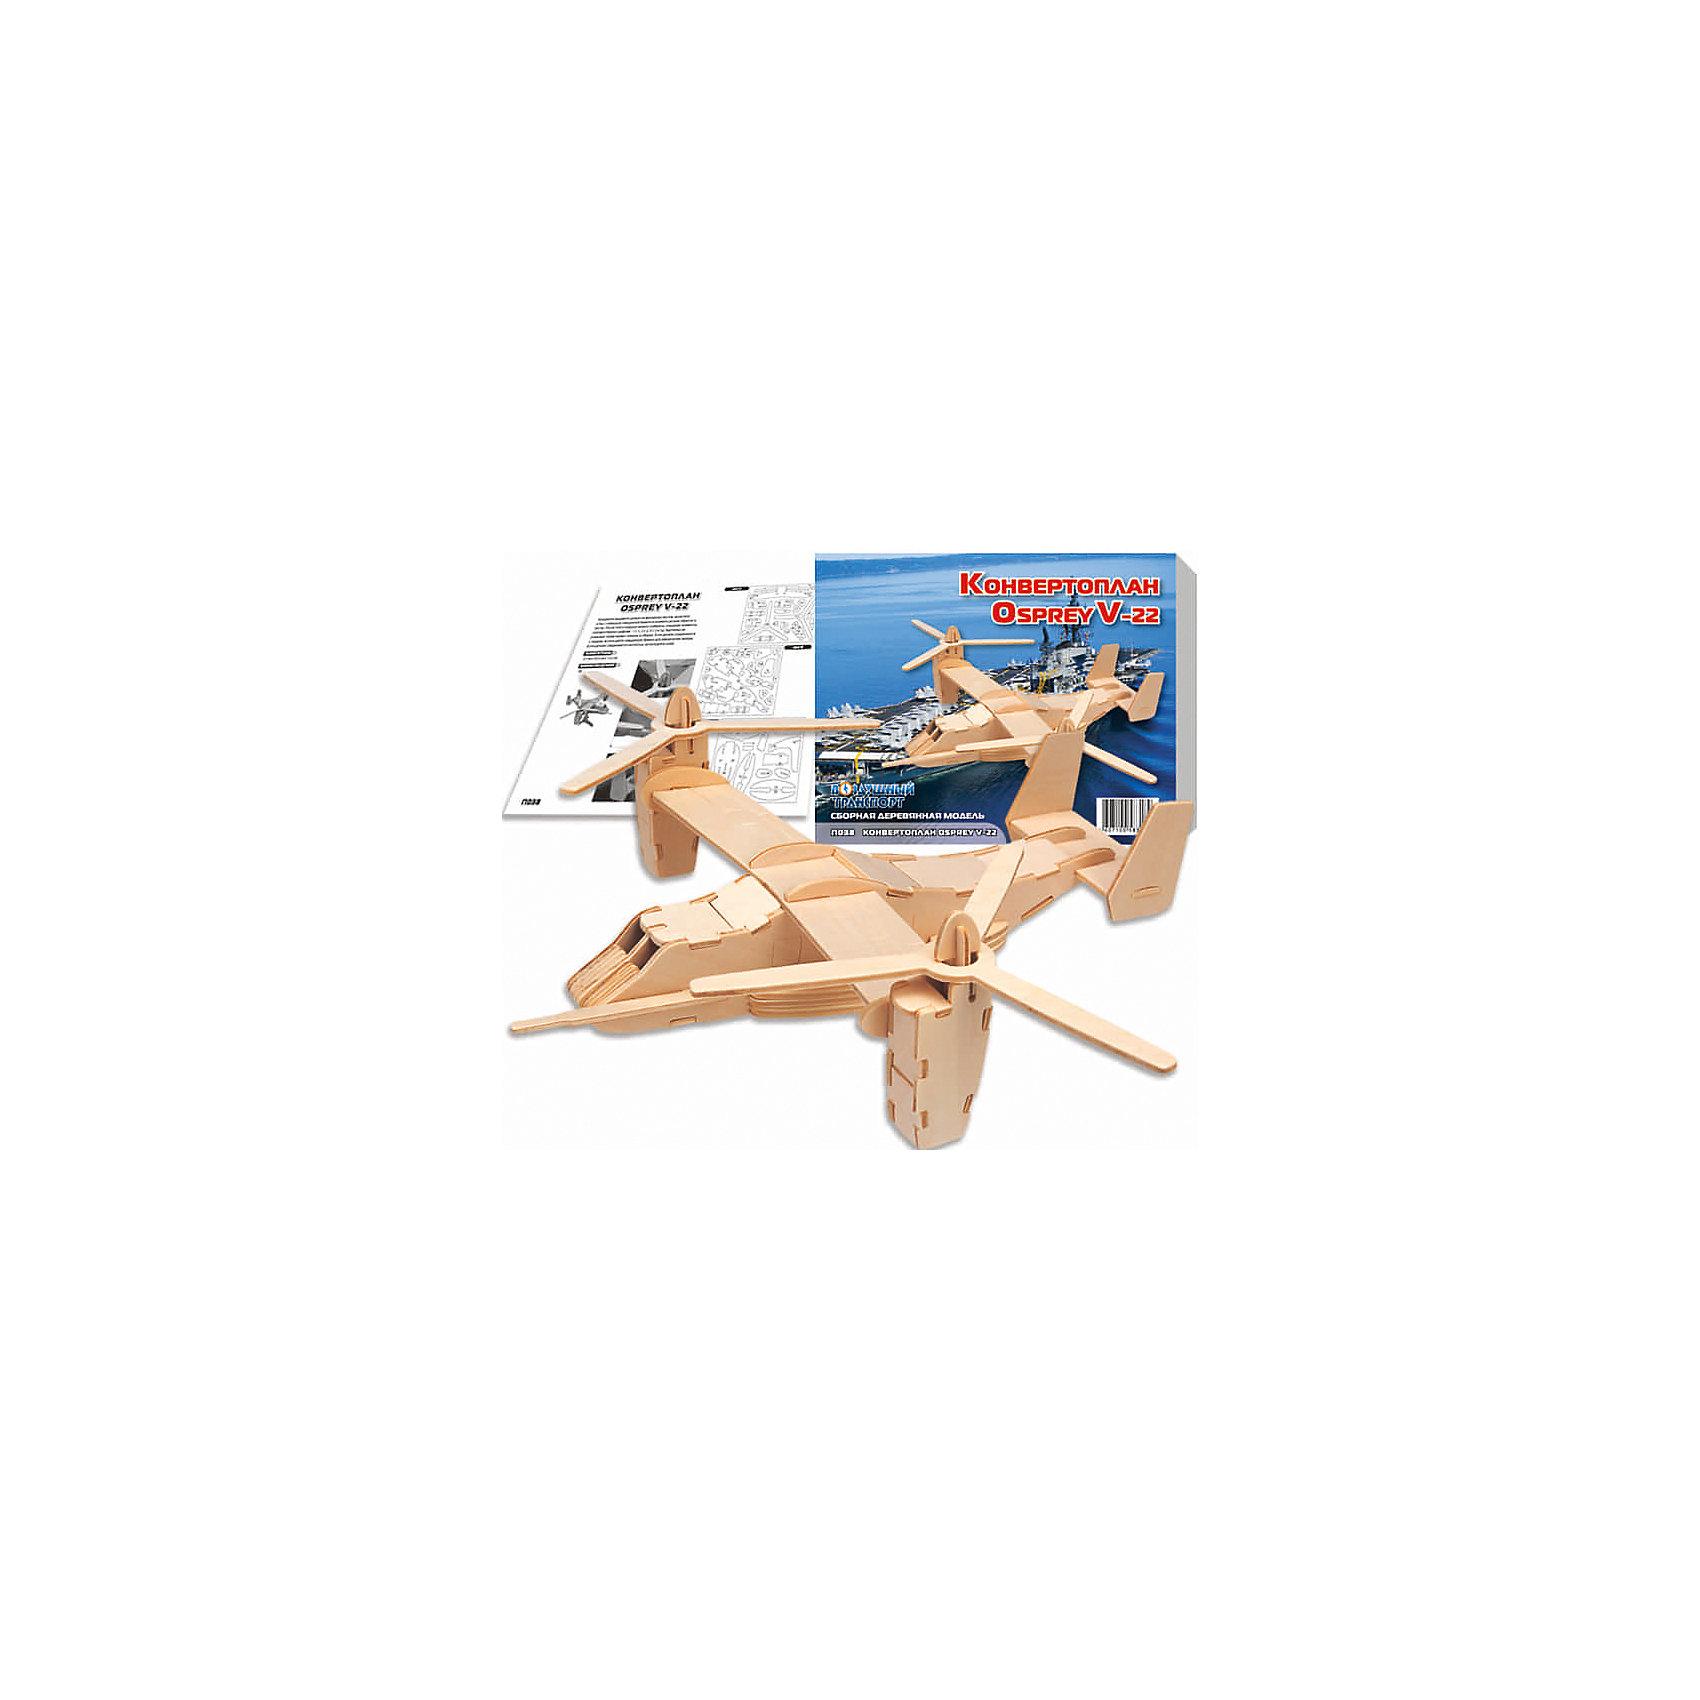 Конвертоплан, Мир деревянных игрушекОтличный вариант подарка для любящего технику творческого ребенка - этот набор, из которого можно самому сделать красивую деревянную фигуру! Для этого нужно выдавить из пластины с деталями элементы для сборки и соединить их. Из наборов получаются красивые очень реалистичные игрушки, которые могут стать украшением комнаты.<br>Собирая их, ребенок будет развивать пространственное мышление, память и мелкую моторику. А раскрашивая готовое произведение, дети научатся подбирать цвета и будут развивать художественные навыки. Этот набор произведен из качественных и безопасных для детей материалов - дерево тщательно обработано.<br><br>Дополнительная информация:<br><br>материал: дерево;<br>цвет: бежевый;<br>элементы: пластины с деталями для сборки, схема сборки;<br>размер упаковки: 23 х 18 см.<br><br>3D-пазл Конвертоплан от бренда Мир деревянных игрушек можно купить в нашем магазине.<br><br>Ширина мм: 225<br>Глубина мм: 30<br>Высота мм: 180<br>Вес г: 450<br>Возраст от месяцев: 36<br>Возраст до месяцев: 144<br>Пол: Унисекс<br>Возраст: Детский<br>SKU: 4969125